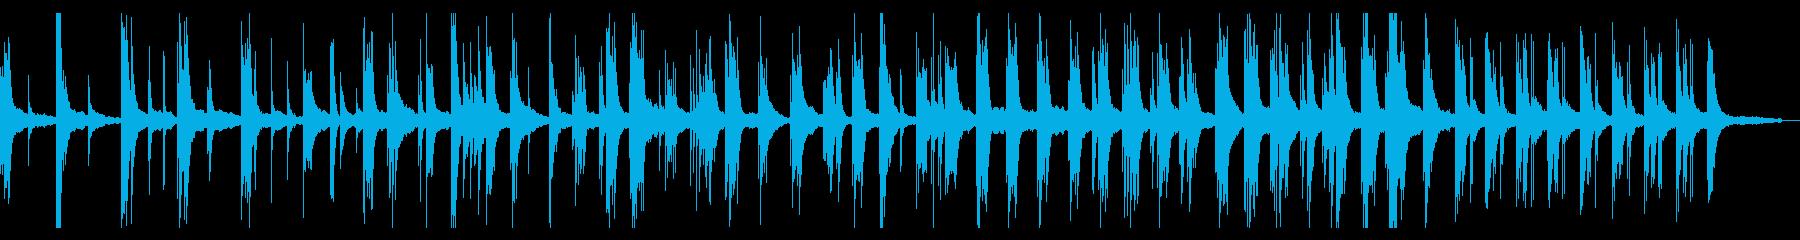 訥々と紡がれる静かな即興ピアノソロの再生済みの波形